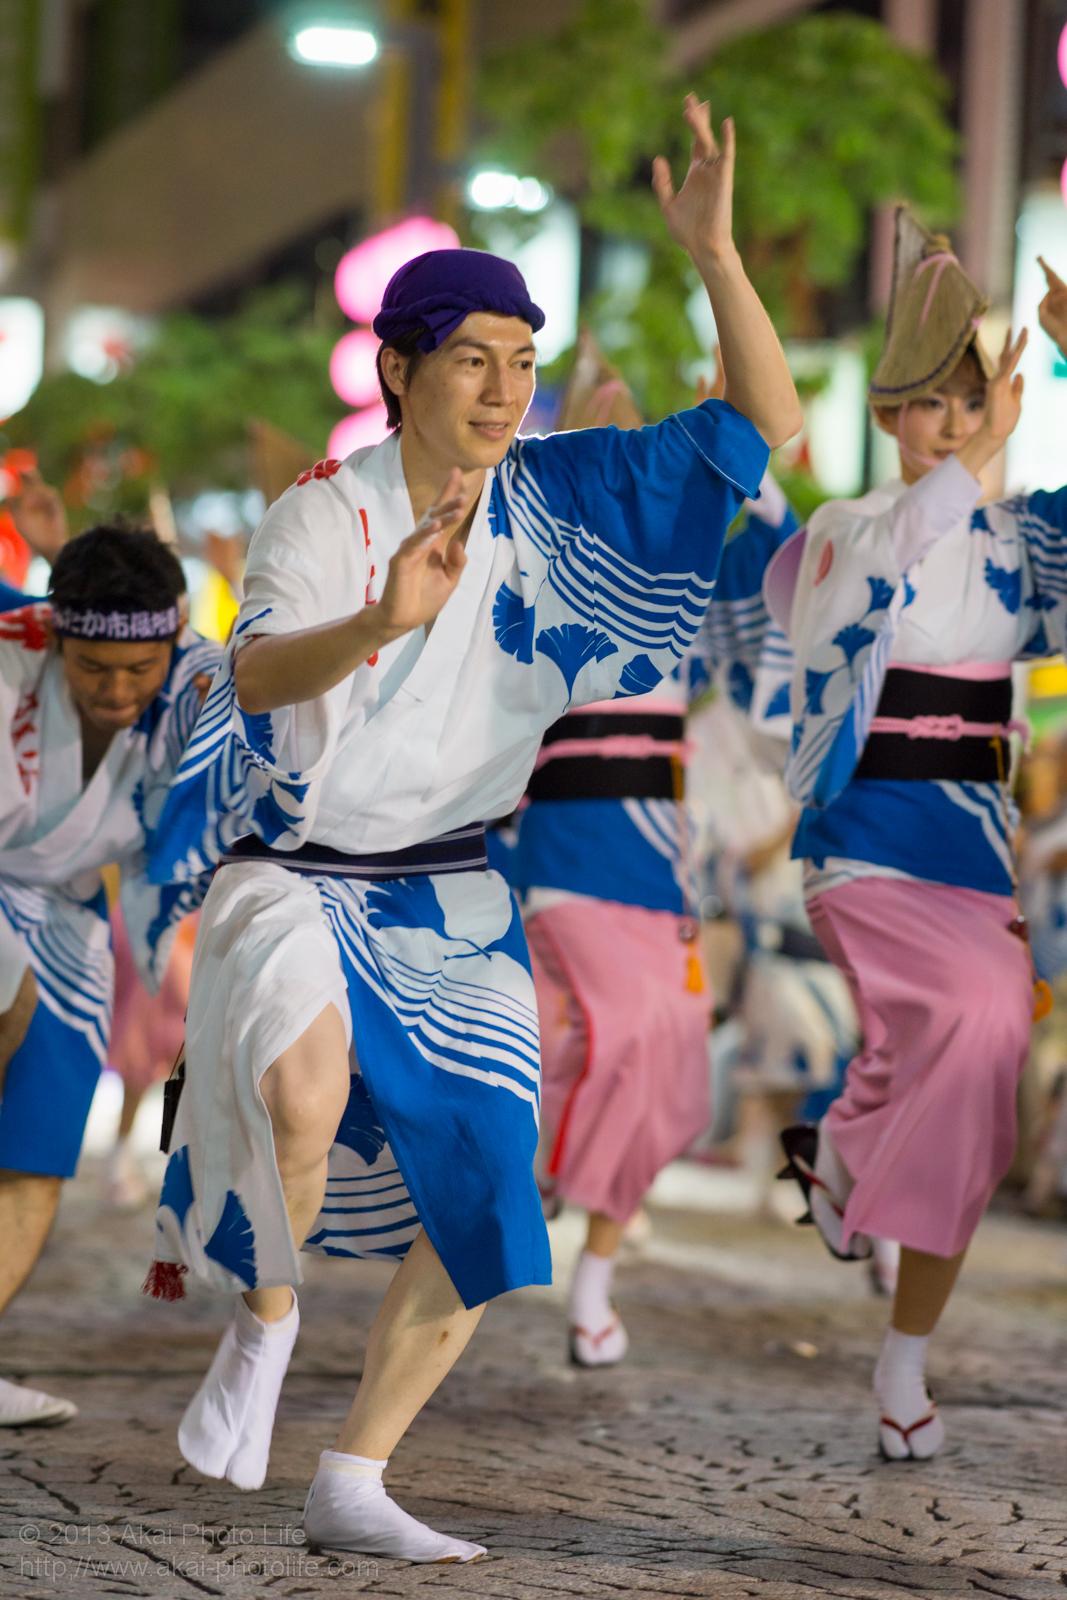 三鷹阿波踊り、みたか市役所連の男踊り